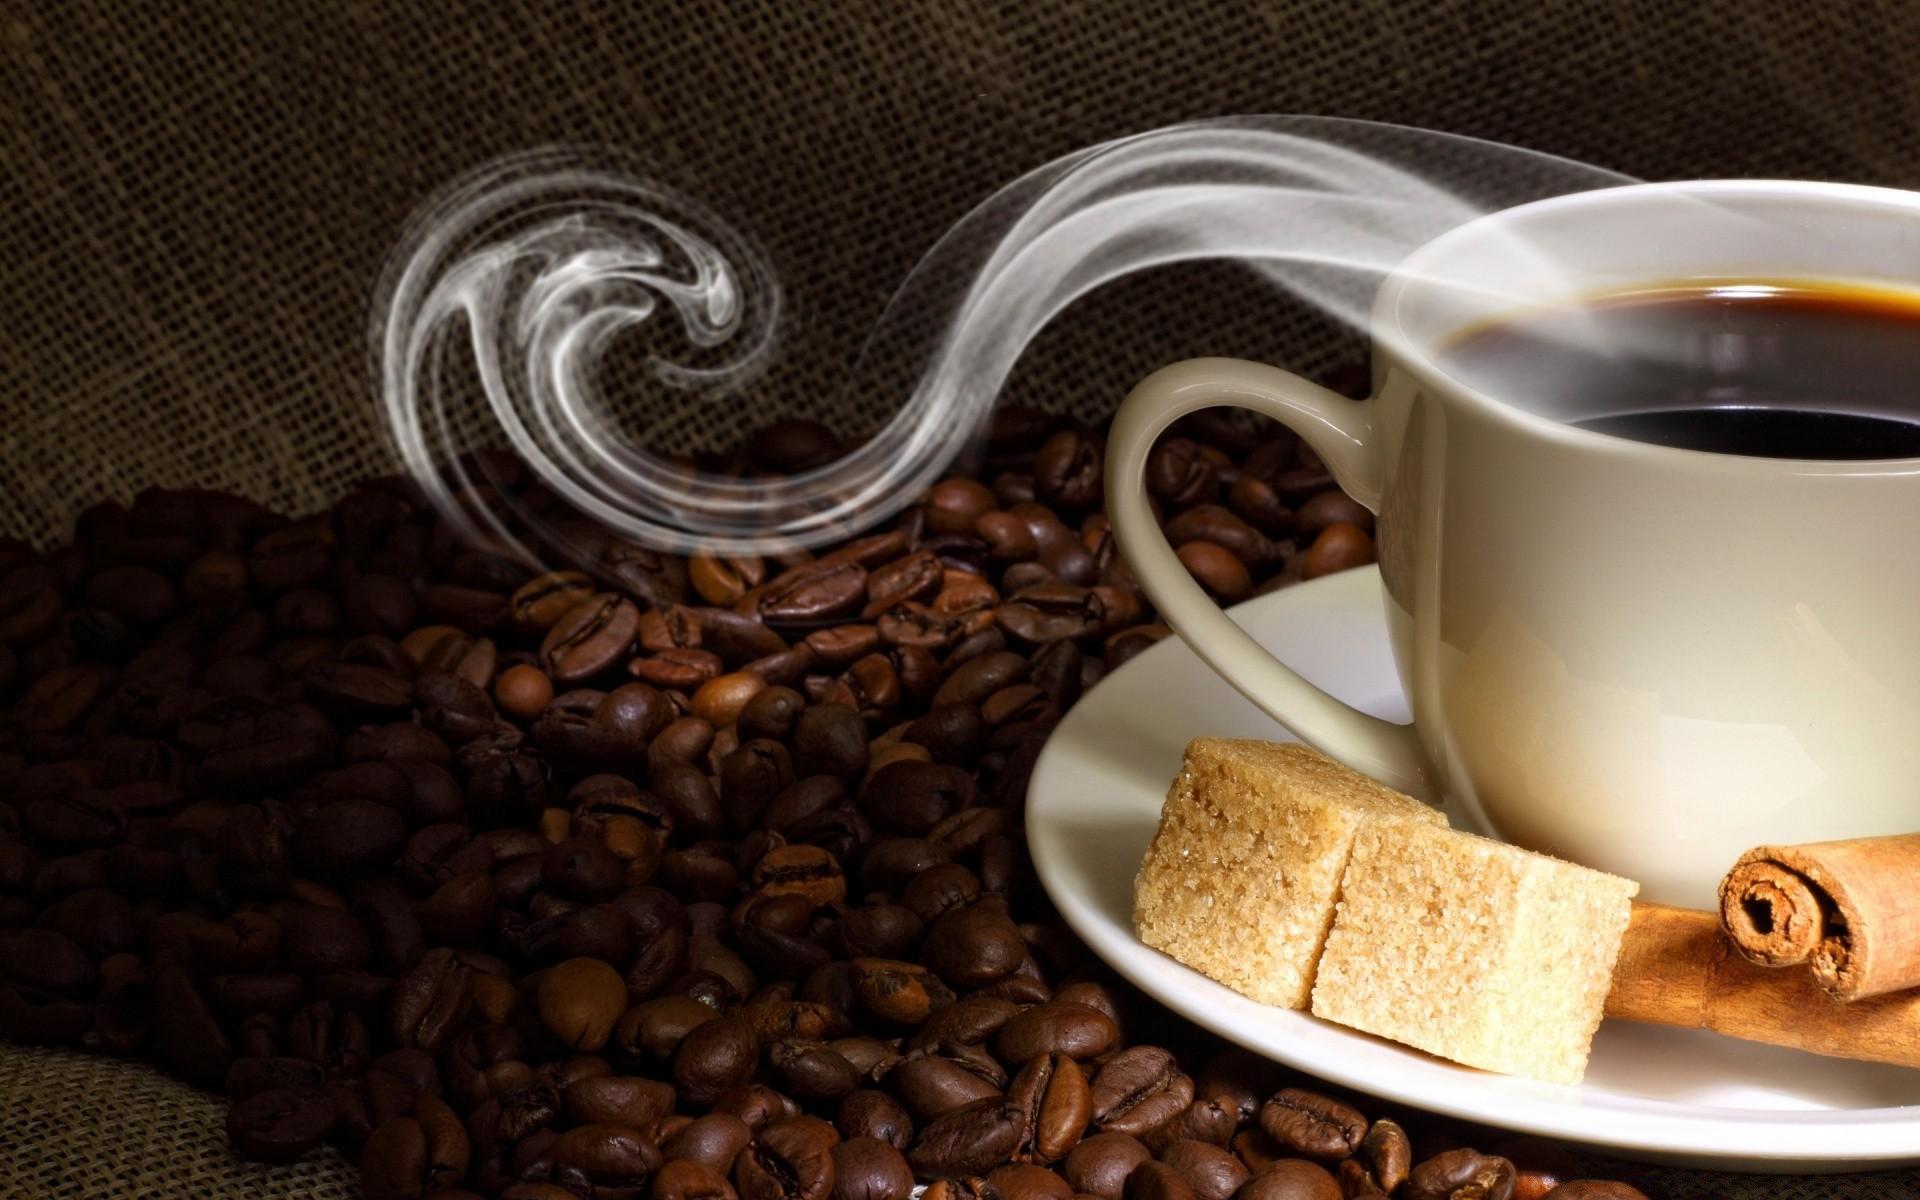 Картинка на рабочий стол кофе во весь экран хорошее качество